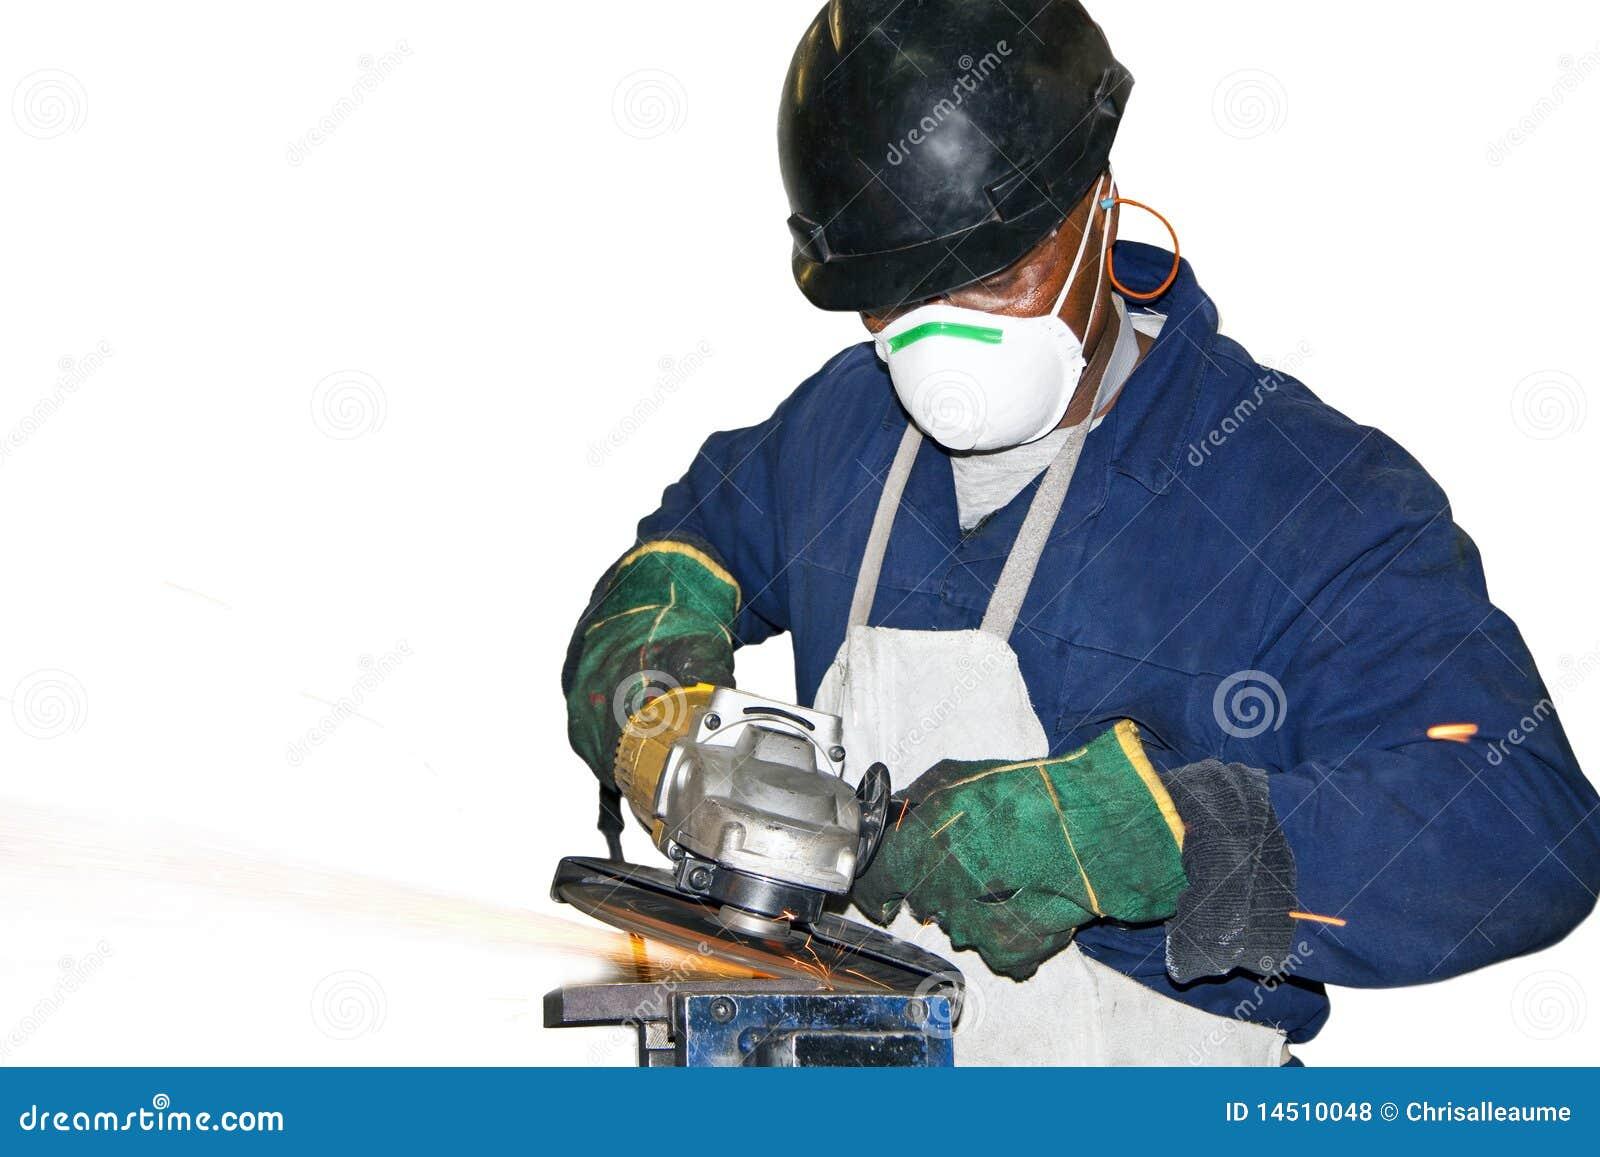 Man Grinding metal against white BG